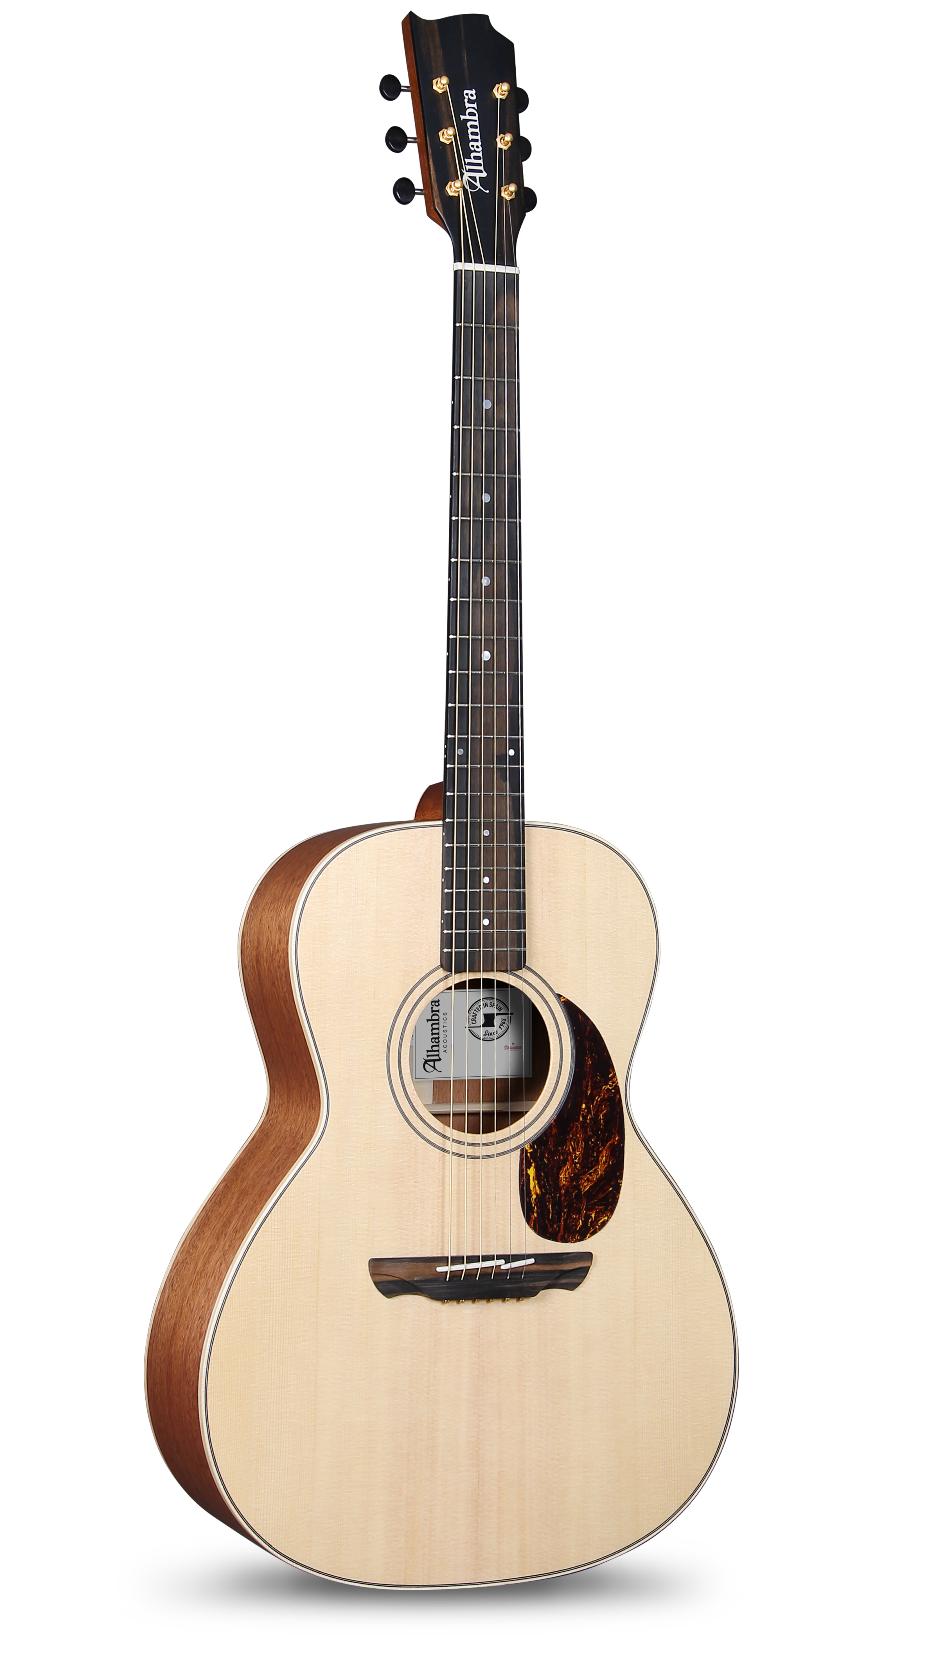 Nuevos modelos de Guitarras Alhambra Acústicas